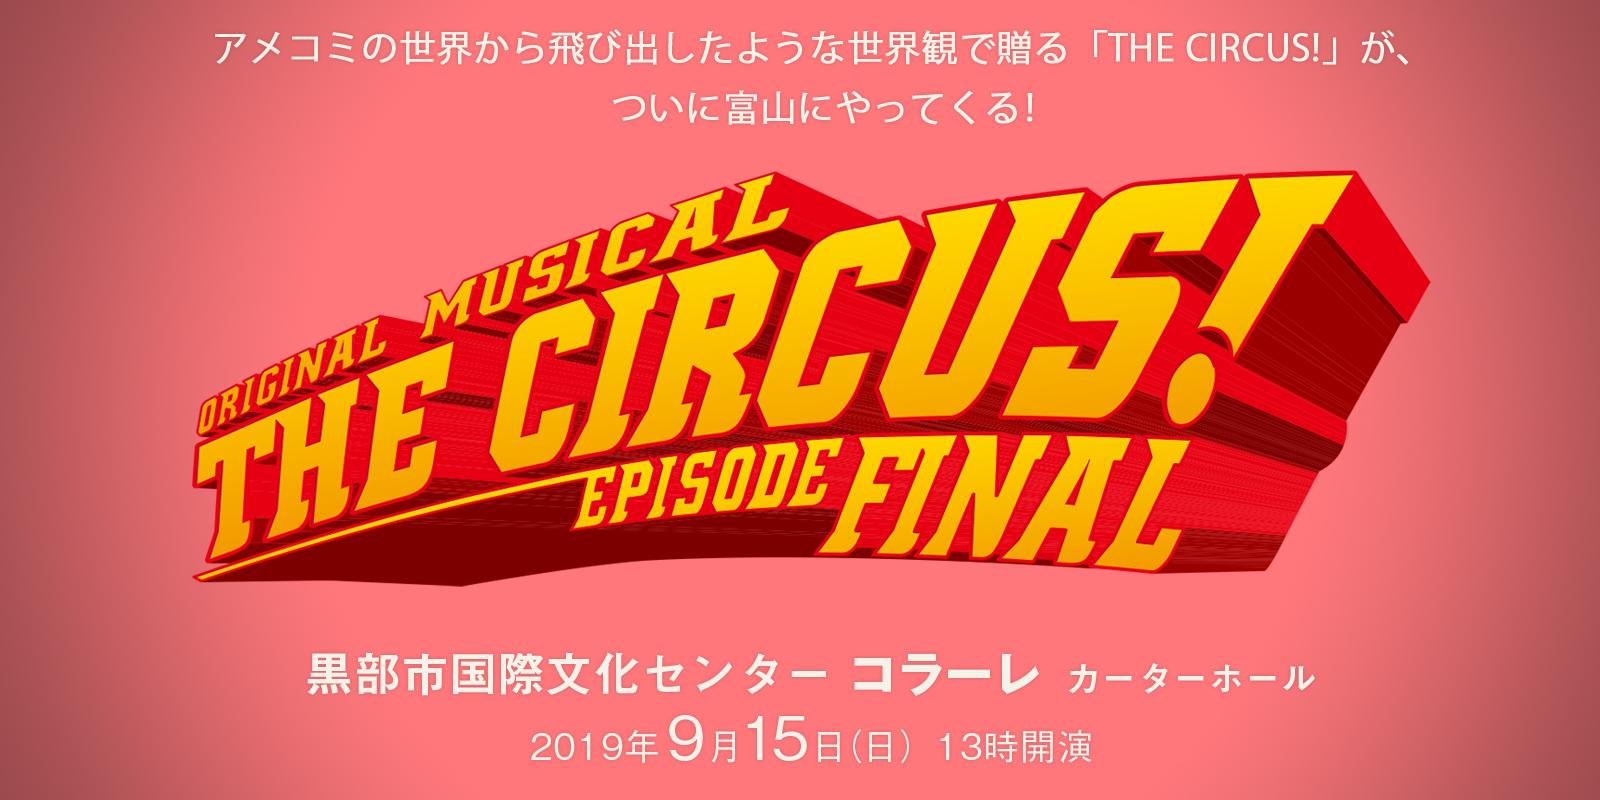 オリジナルミュージカル「THE CIRCUS!-エピソードFINAL-」富山公演